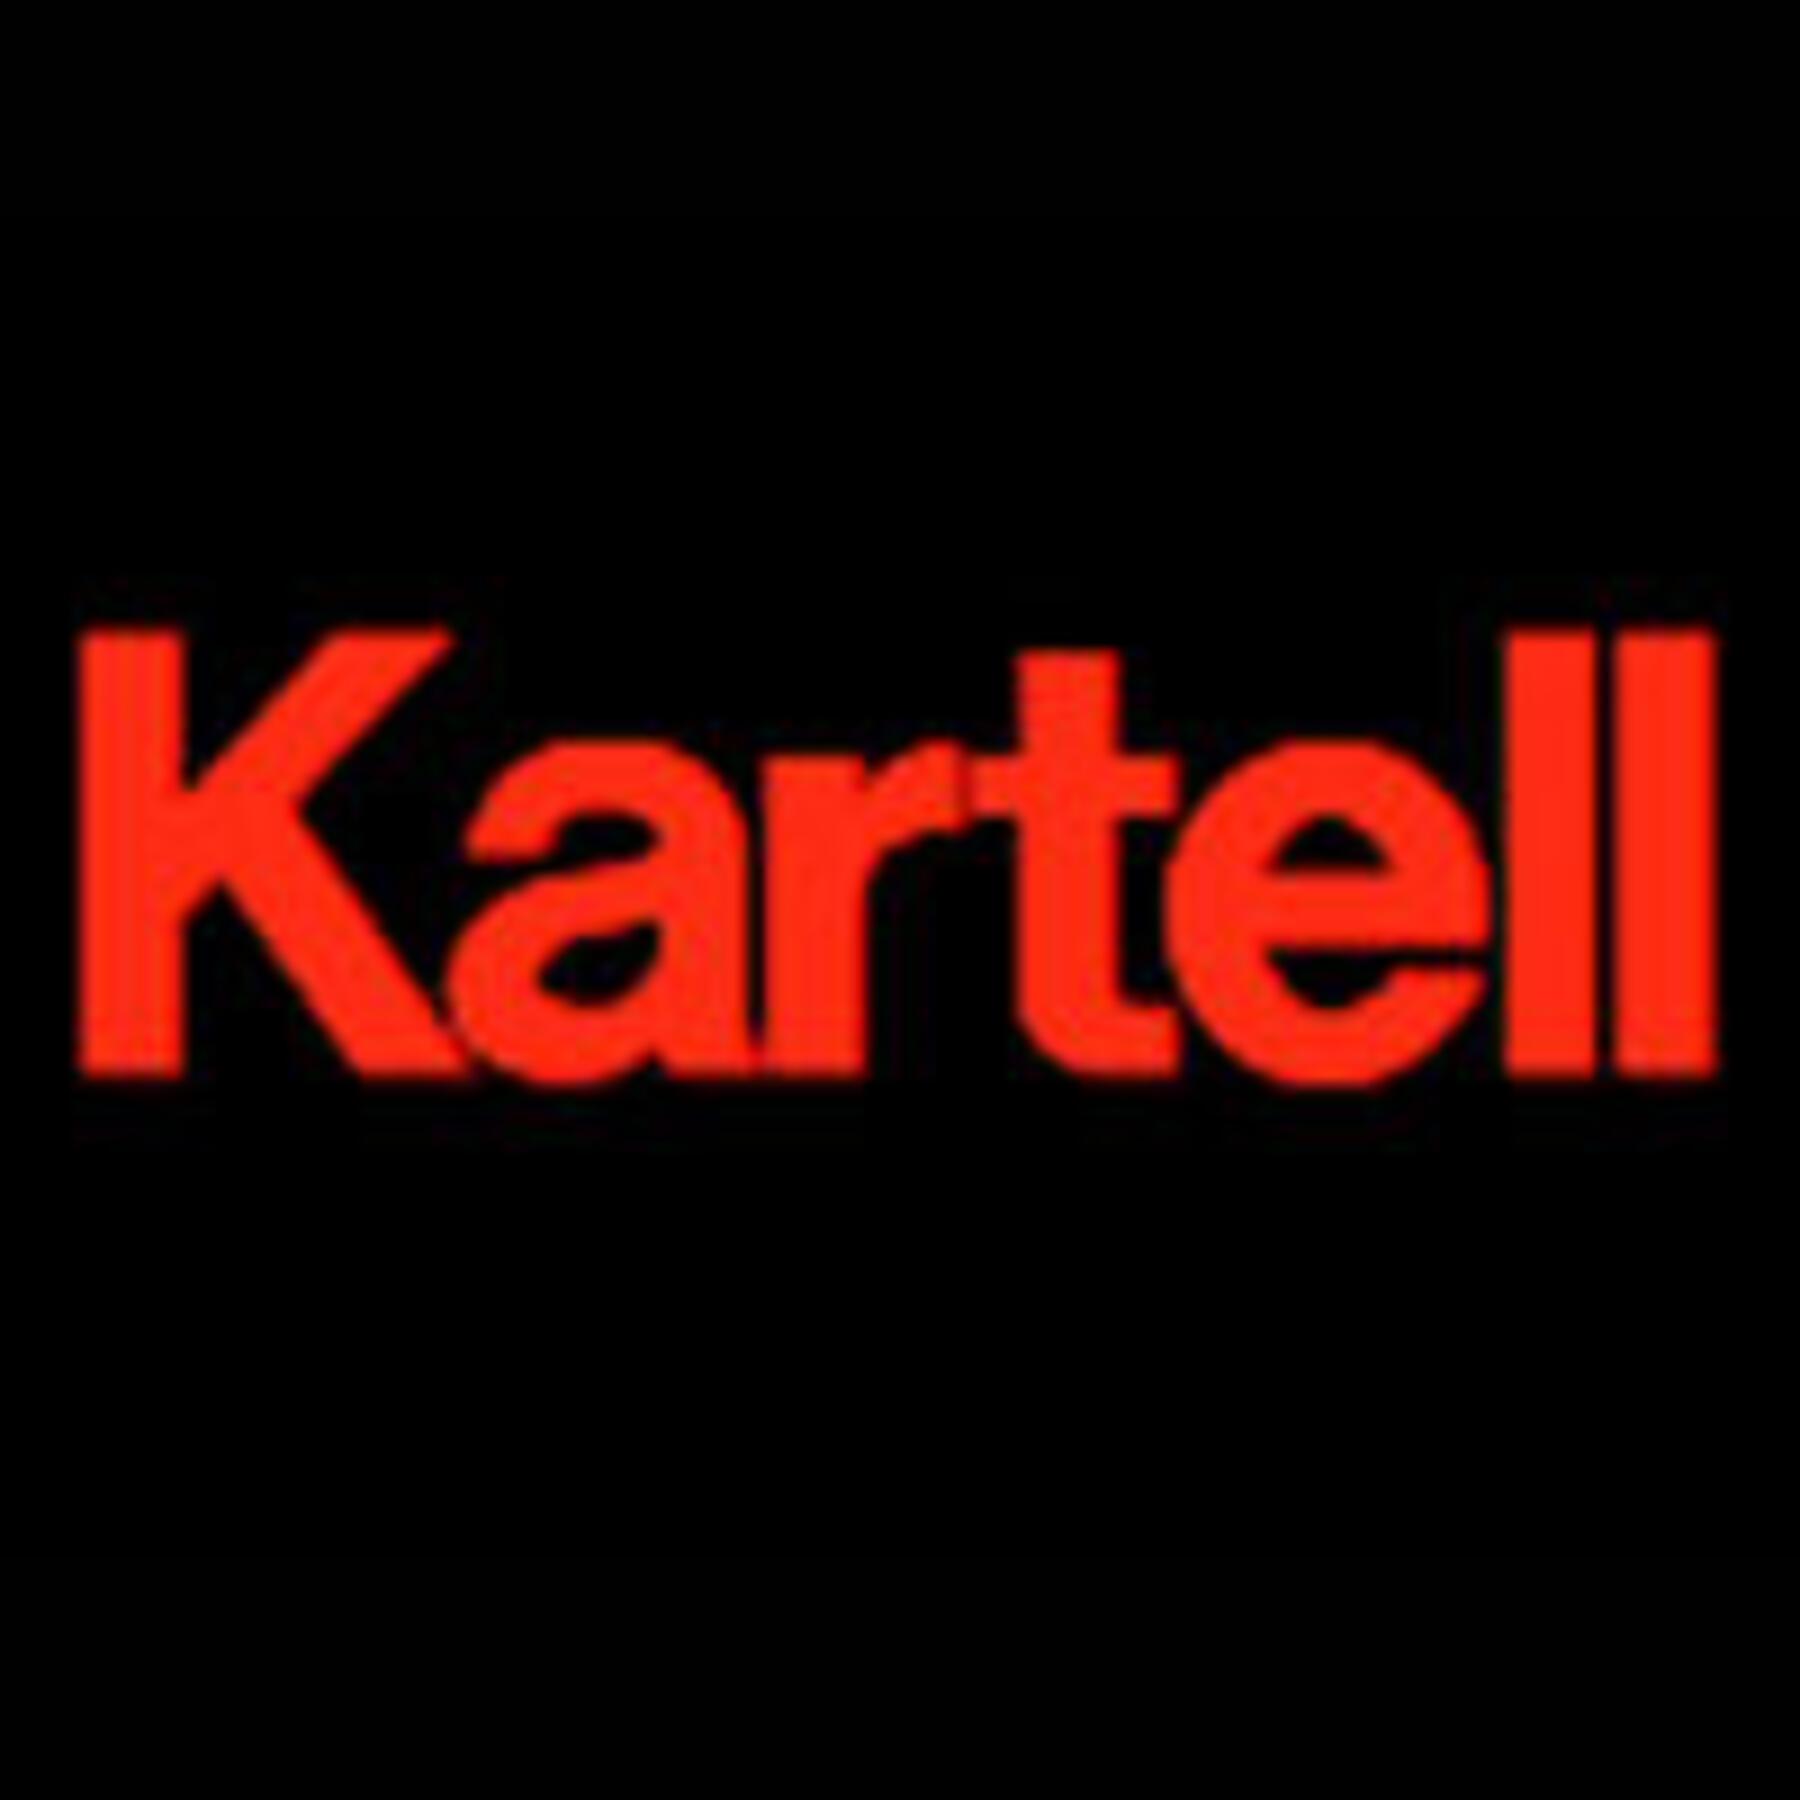 797850 1800 0751 797515 732053 200x200  0751 kartell